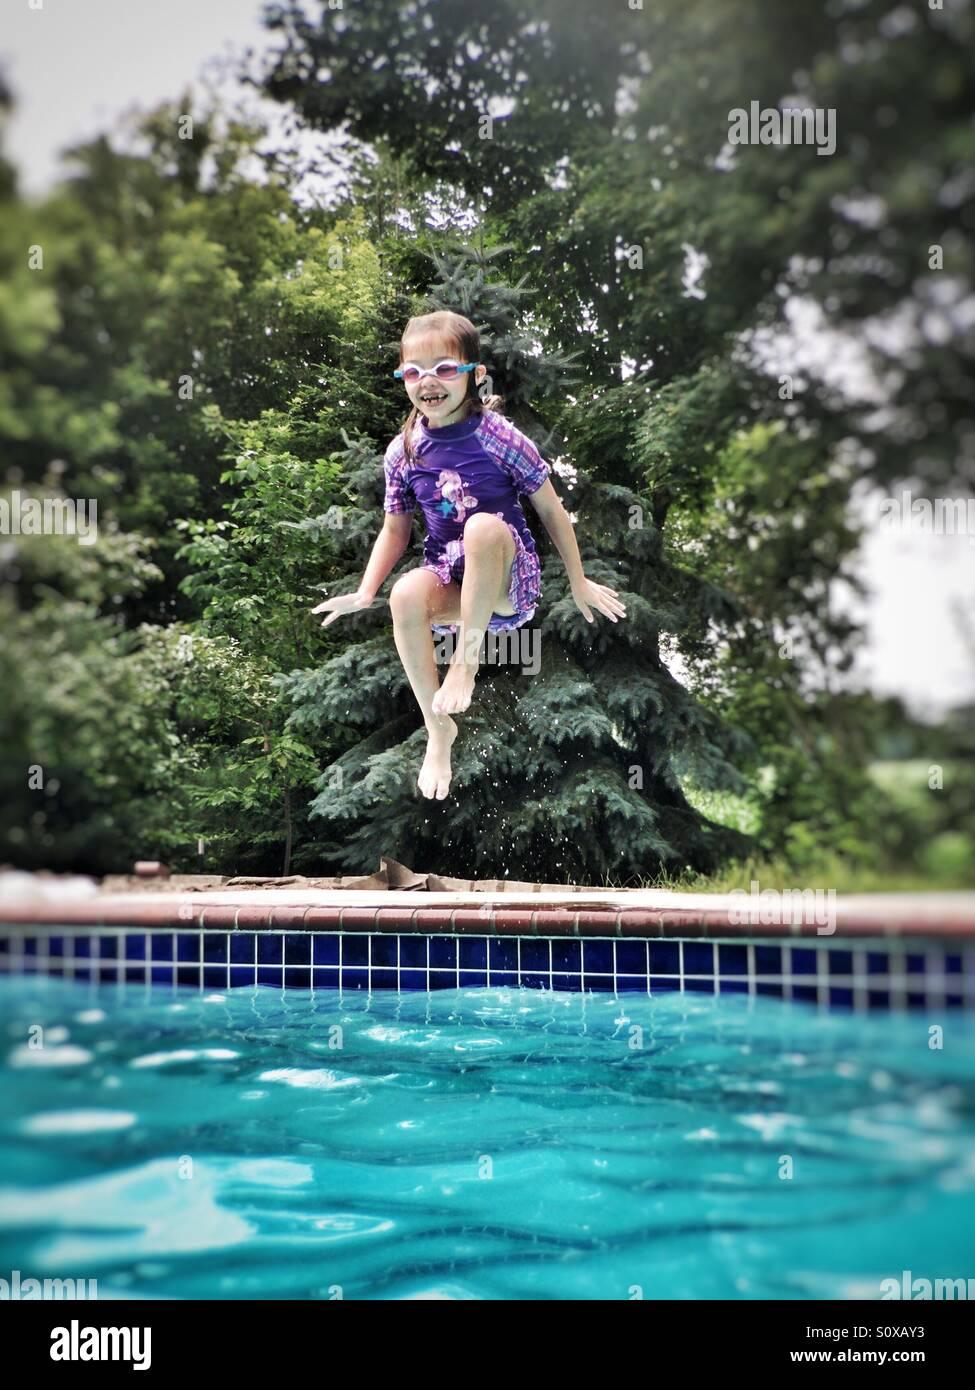 Vestida de traje morado y gafas de natación saltar en una piscina Foto de stock